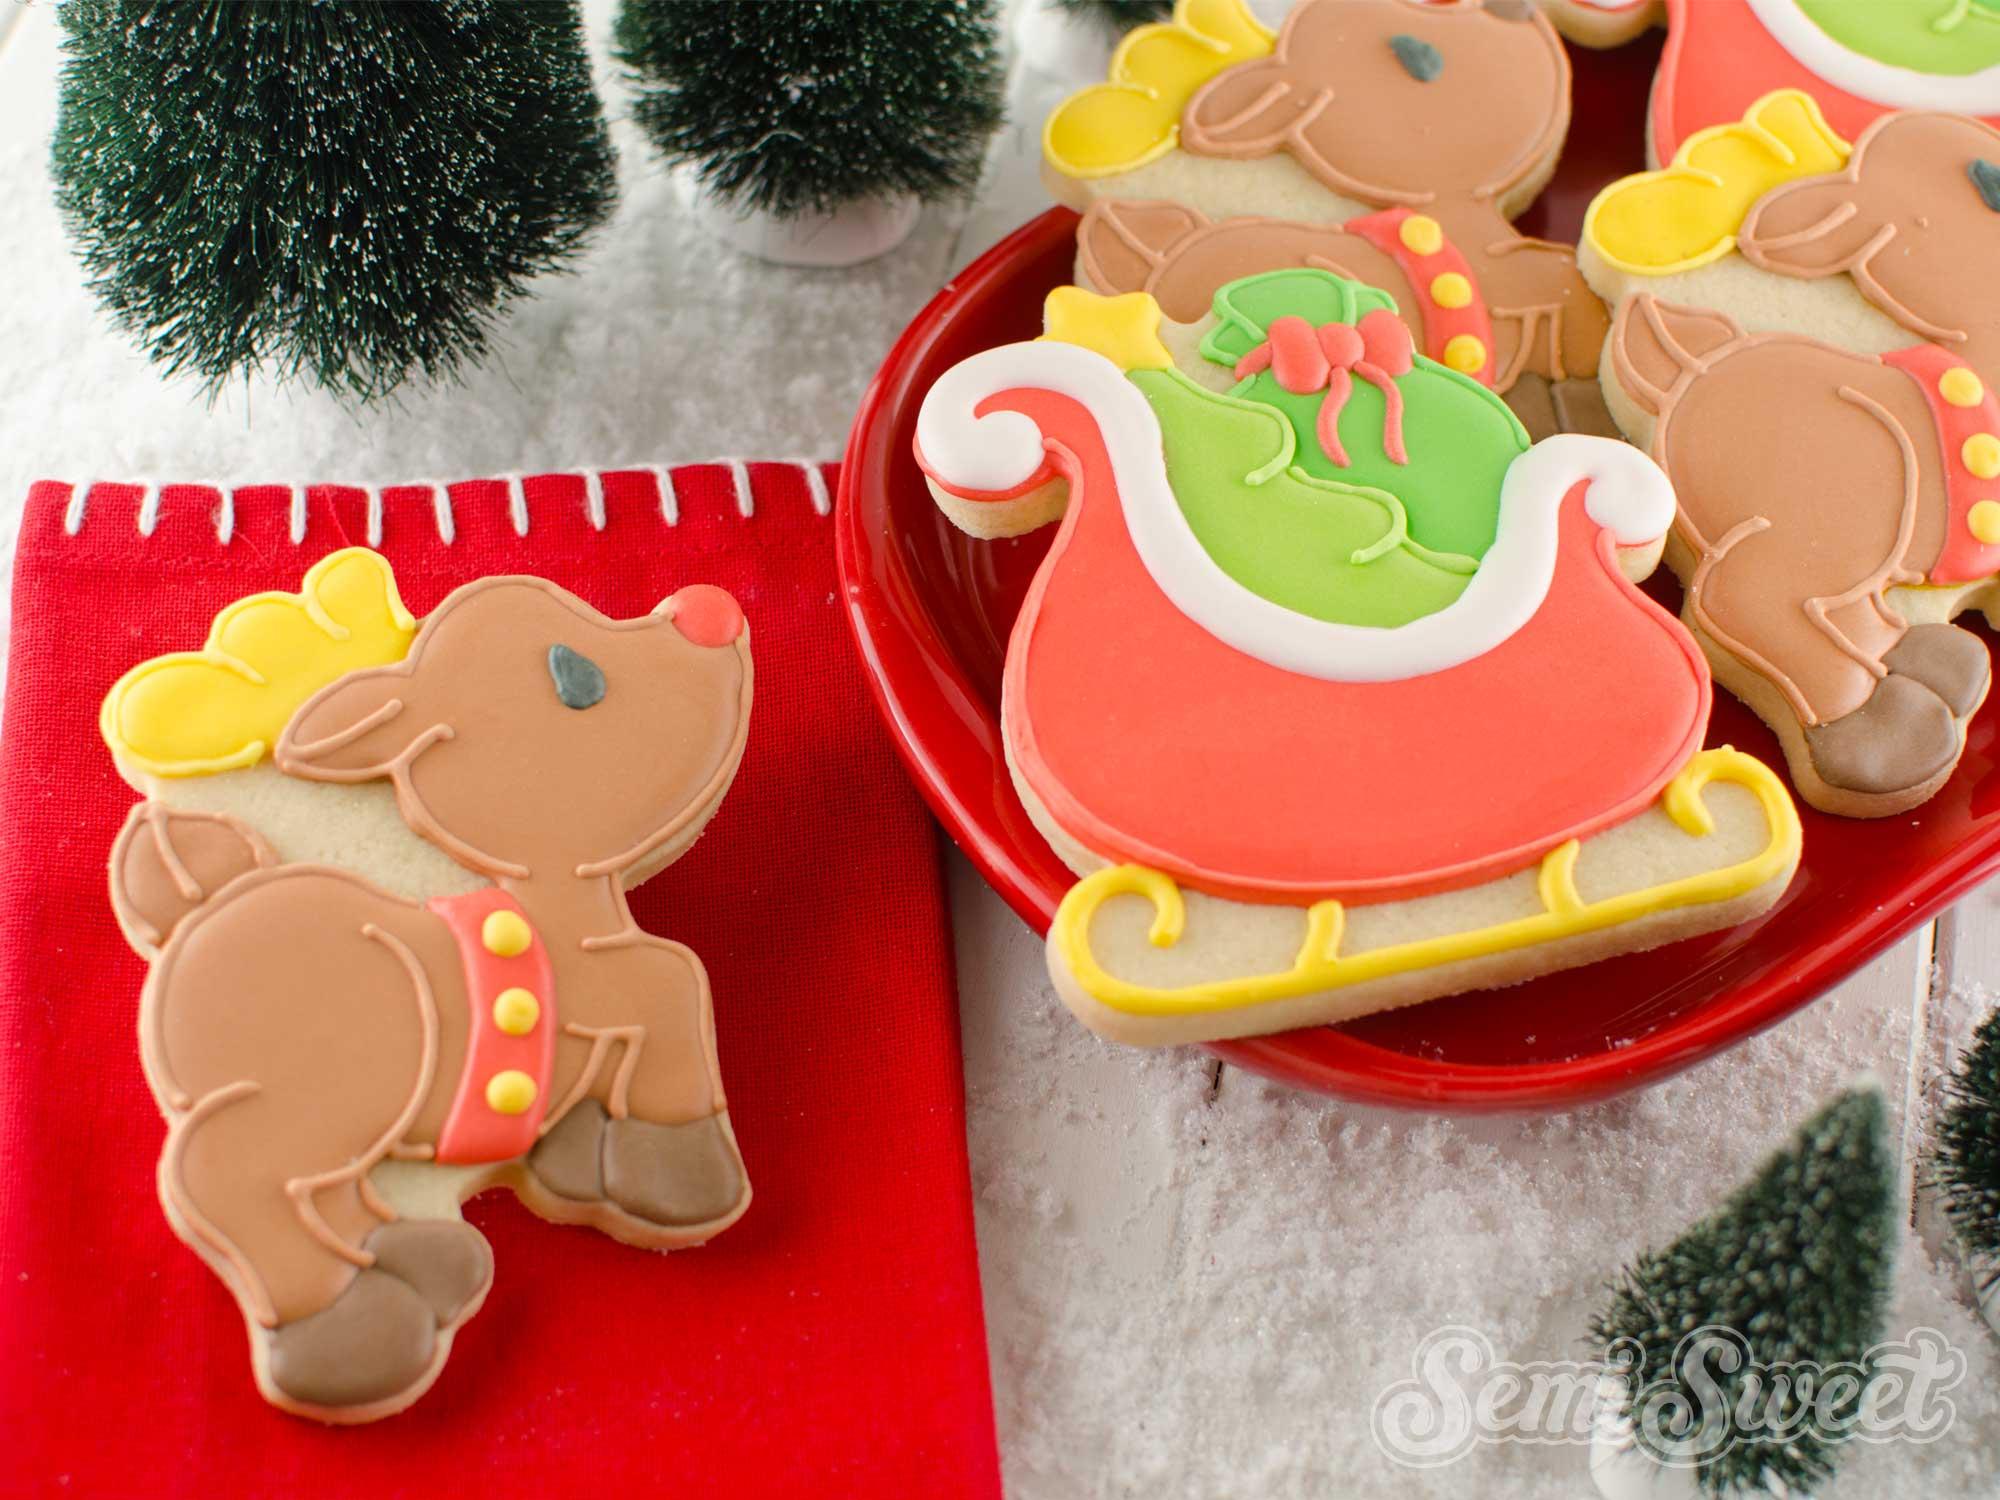 How to Make Flying Reindeer Cookies